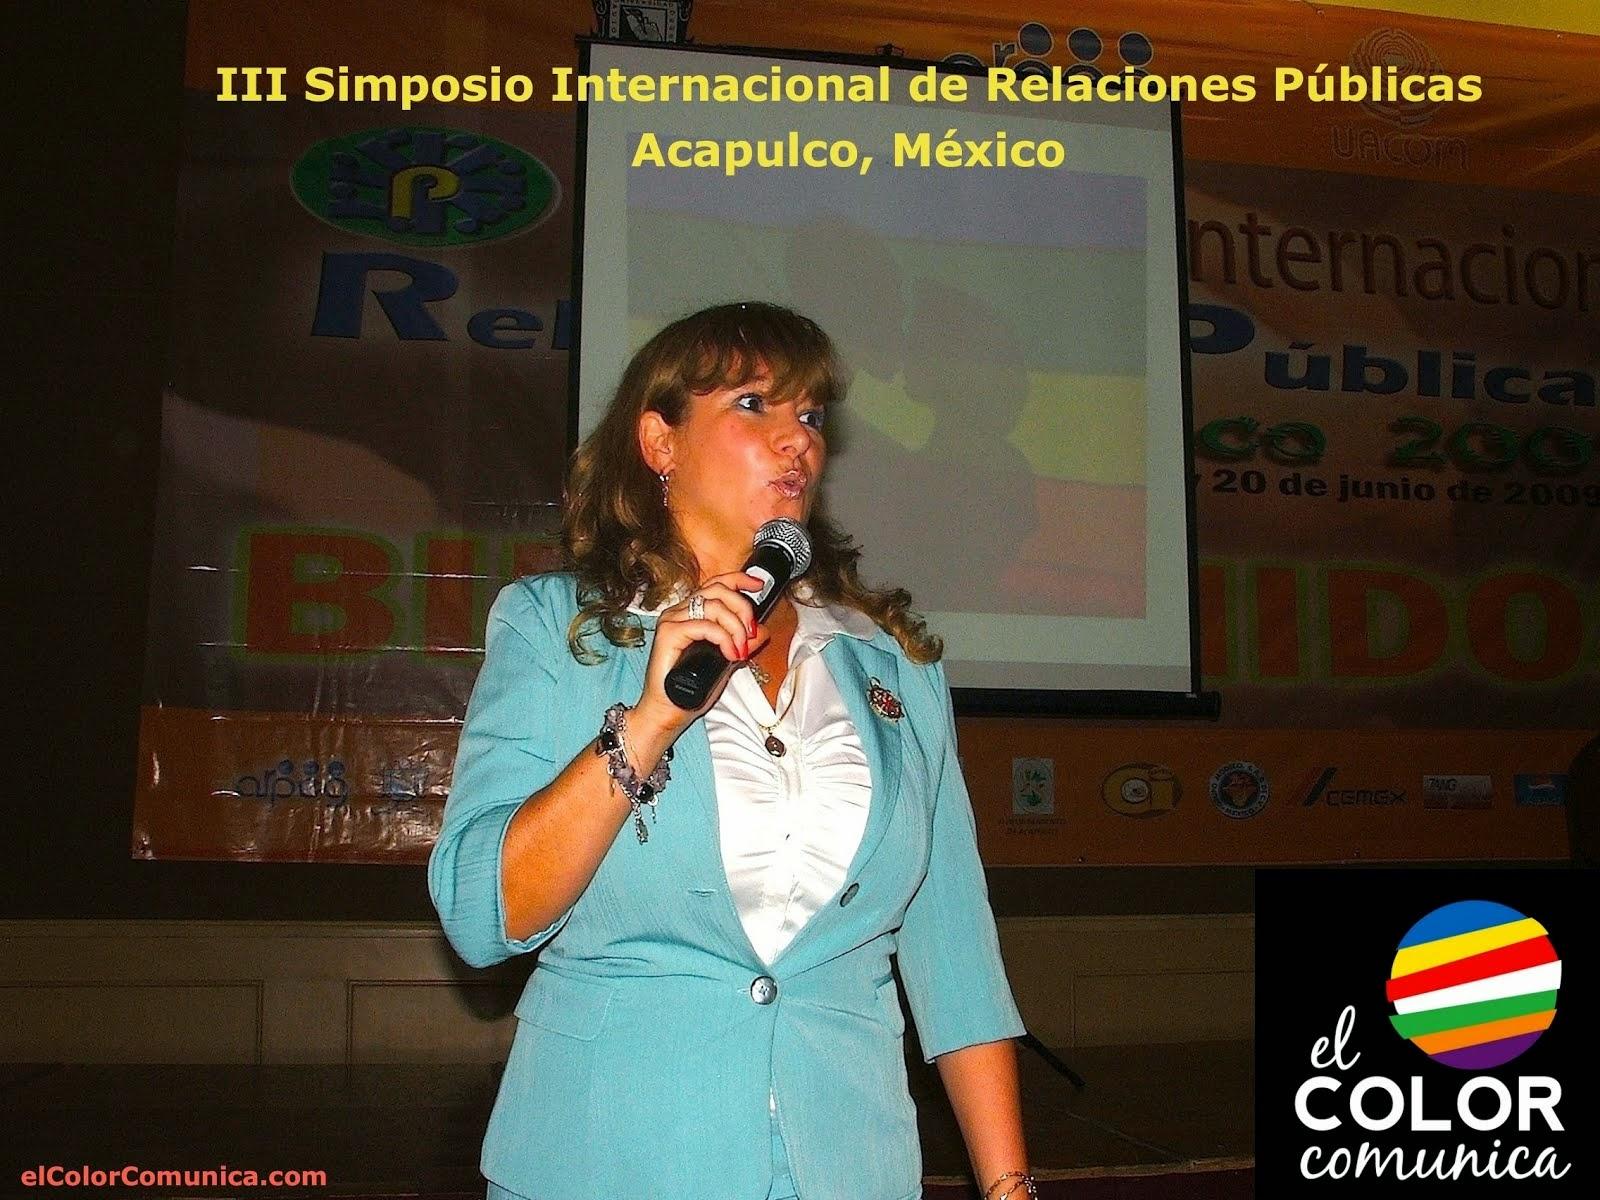 Simposio internacional de Relaciones Públicas, México